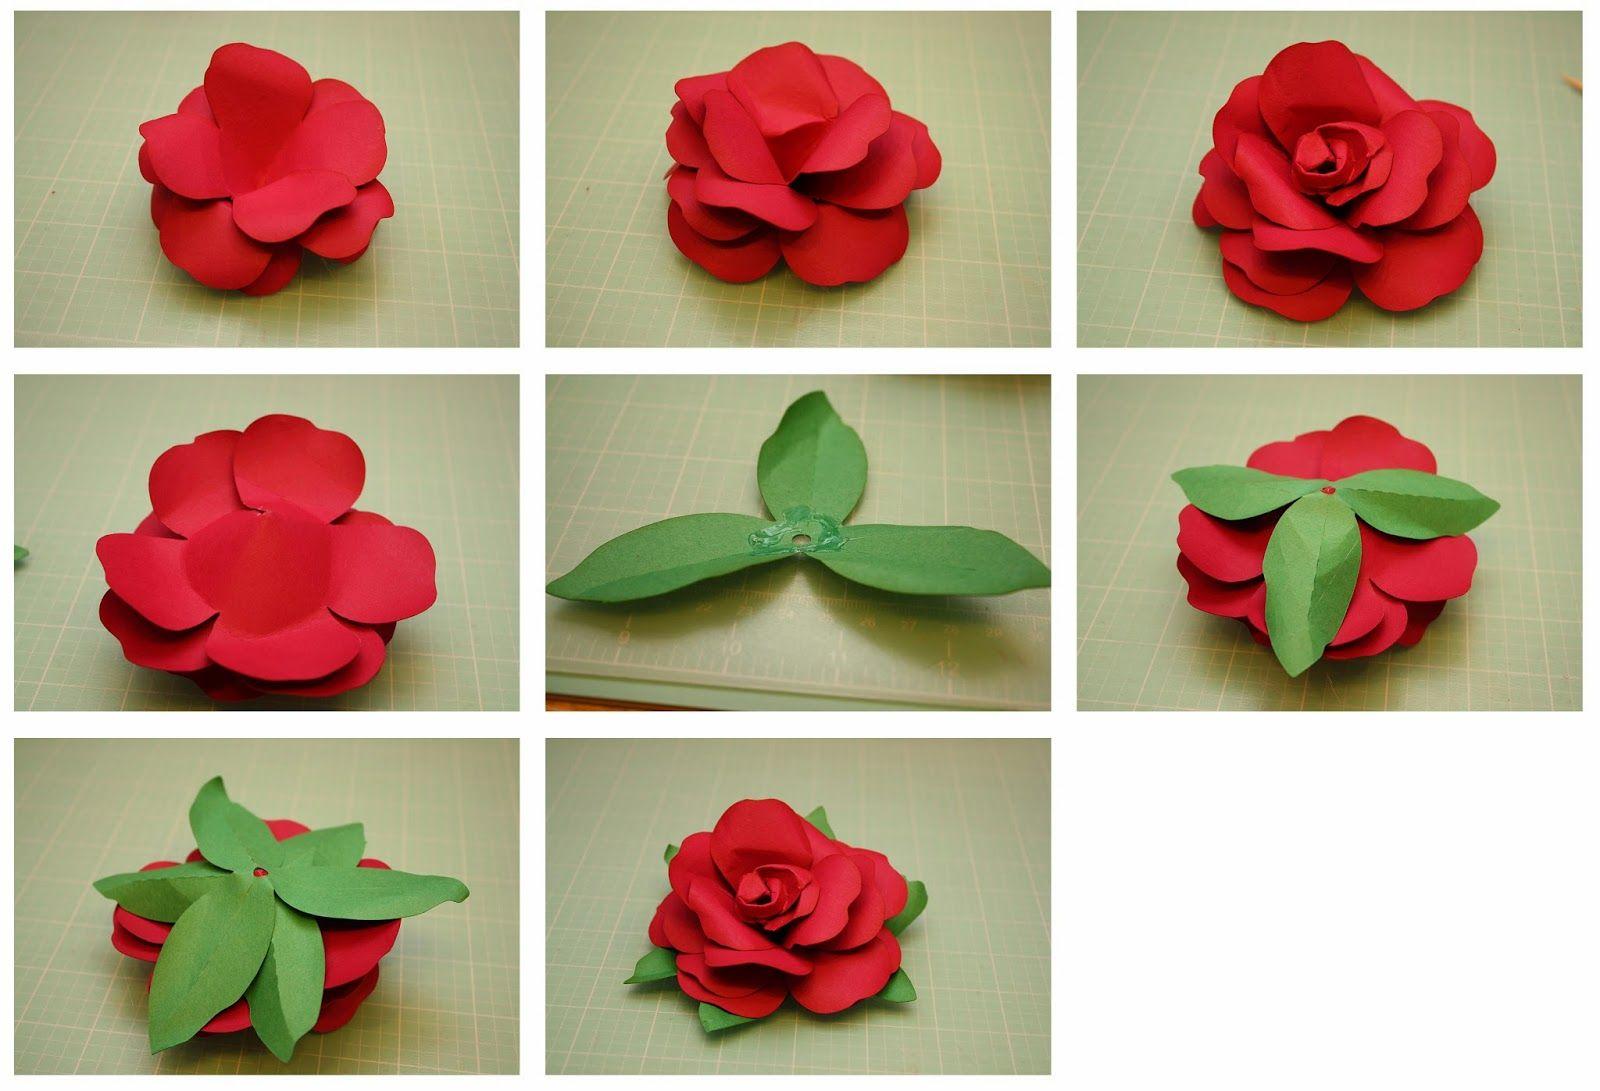 3d paper flower selol ink 3d paper flower easy mightylinksfo